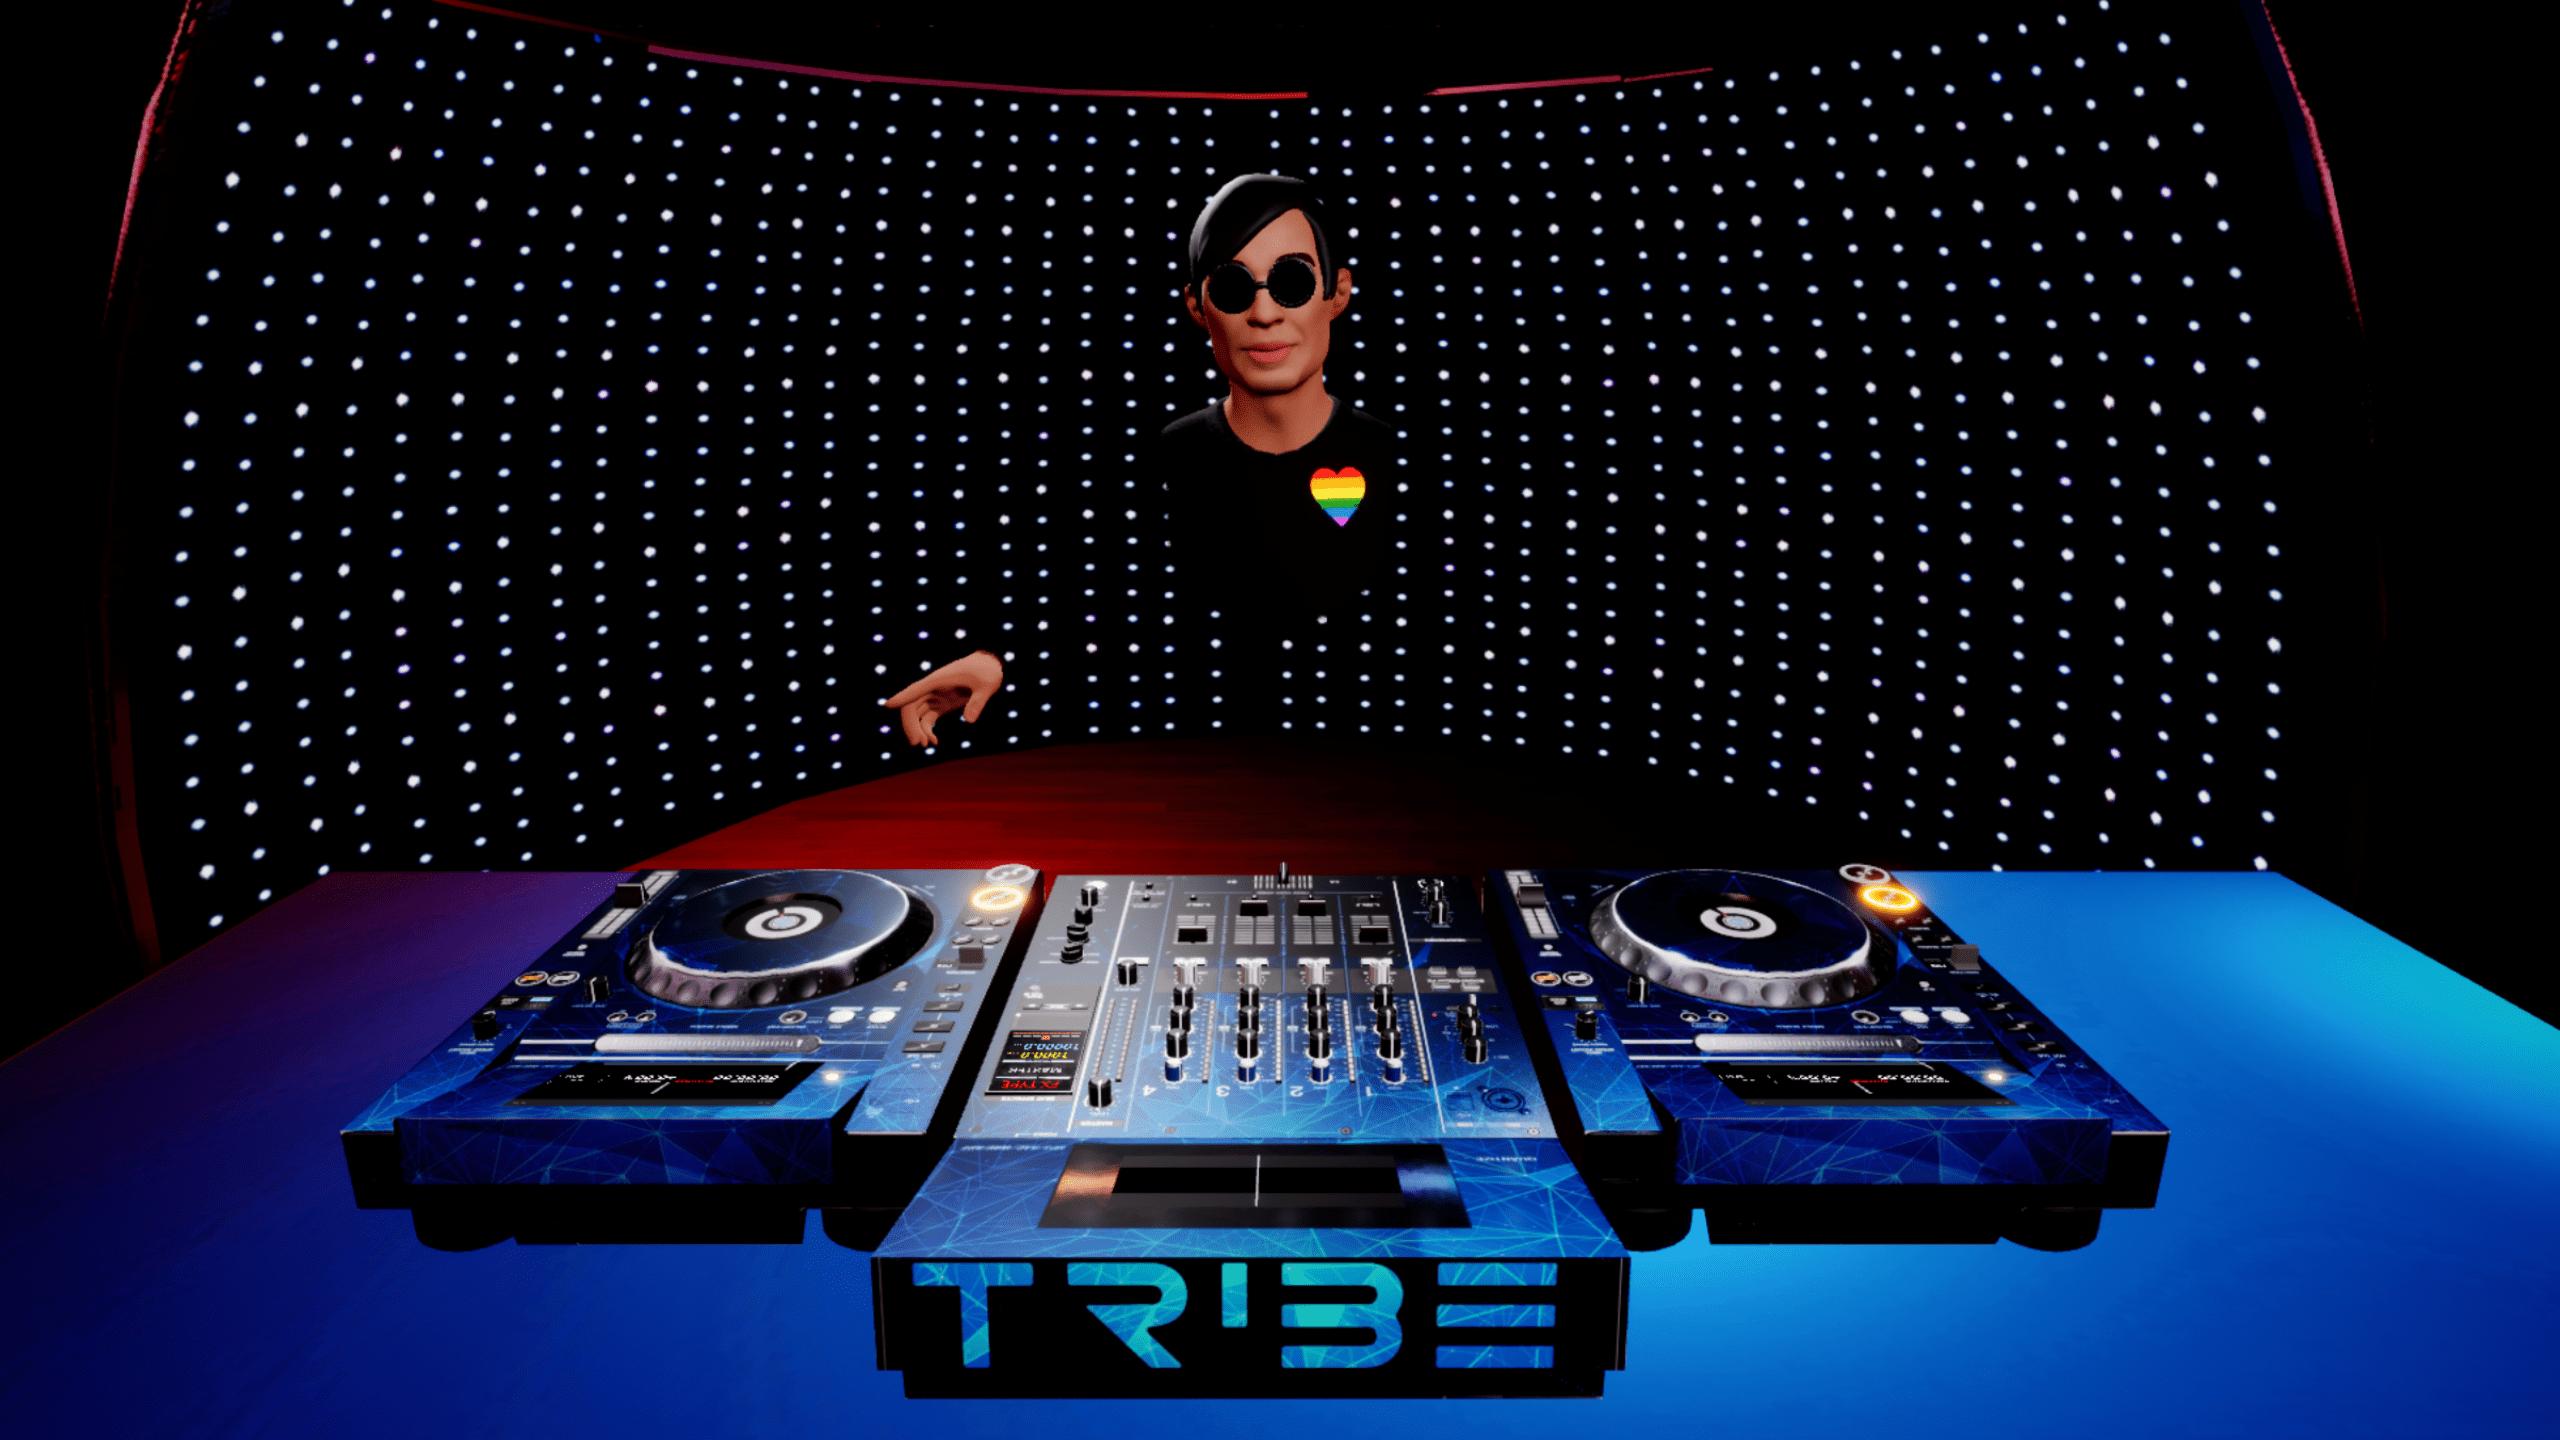 Transmita desde Beatport en realidad virtual con la nueva integración LINK de Tribe XR 8